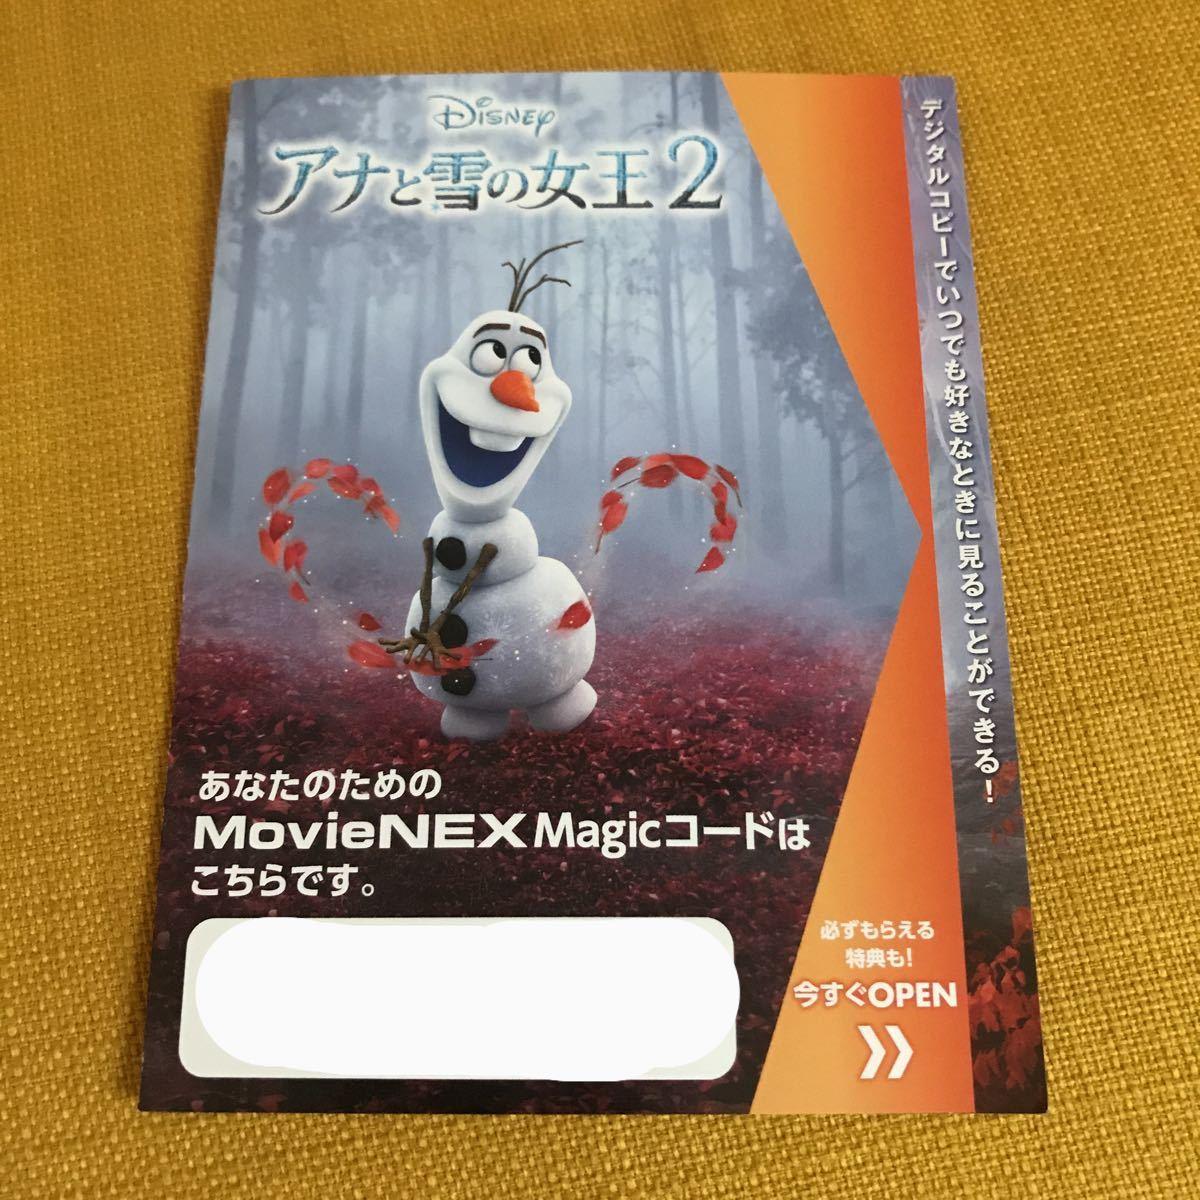 アナと雪の女王2 DVDディスク MOVIENEXマジックコード付き 日本正規版 新品未使用